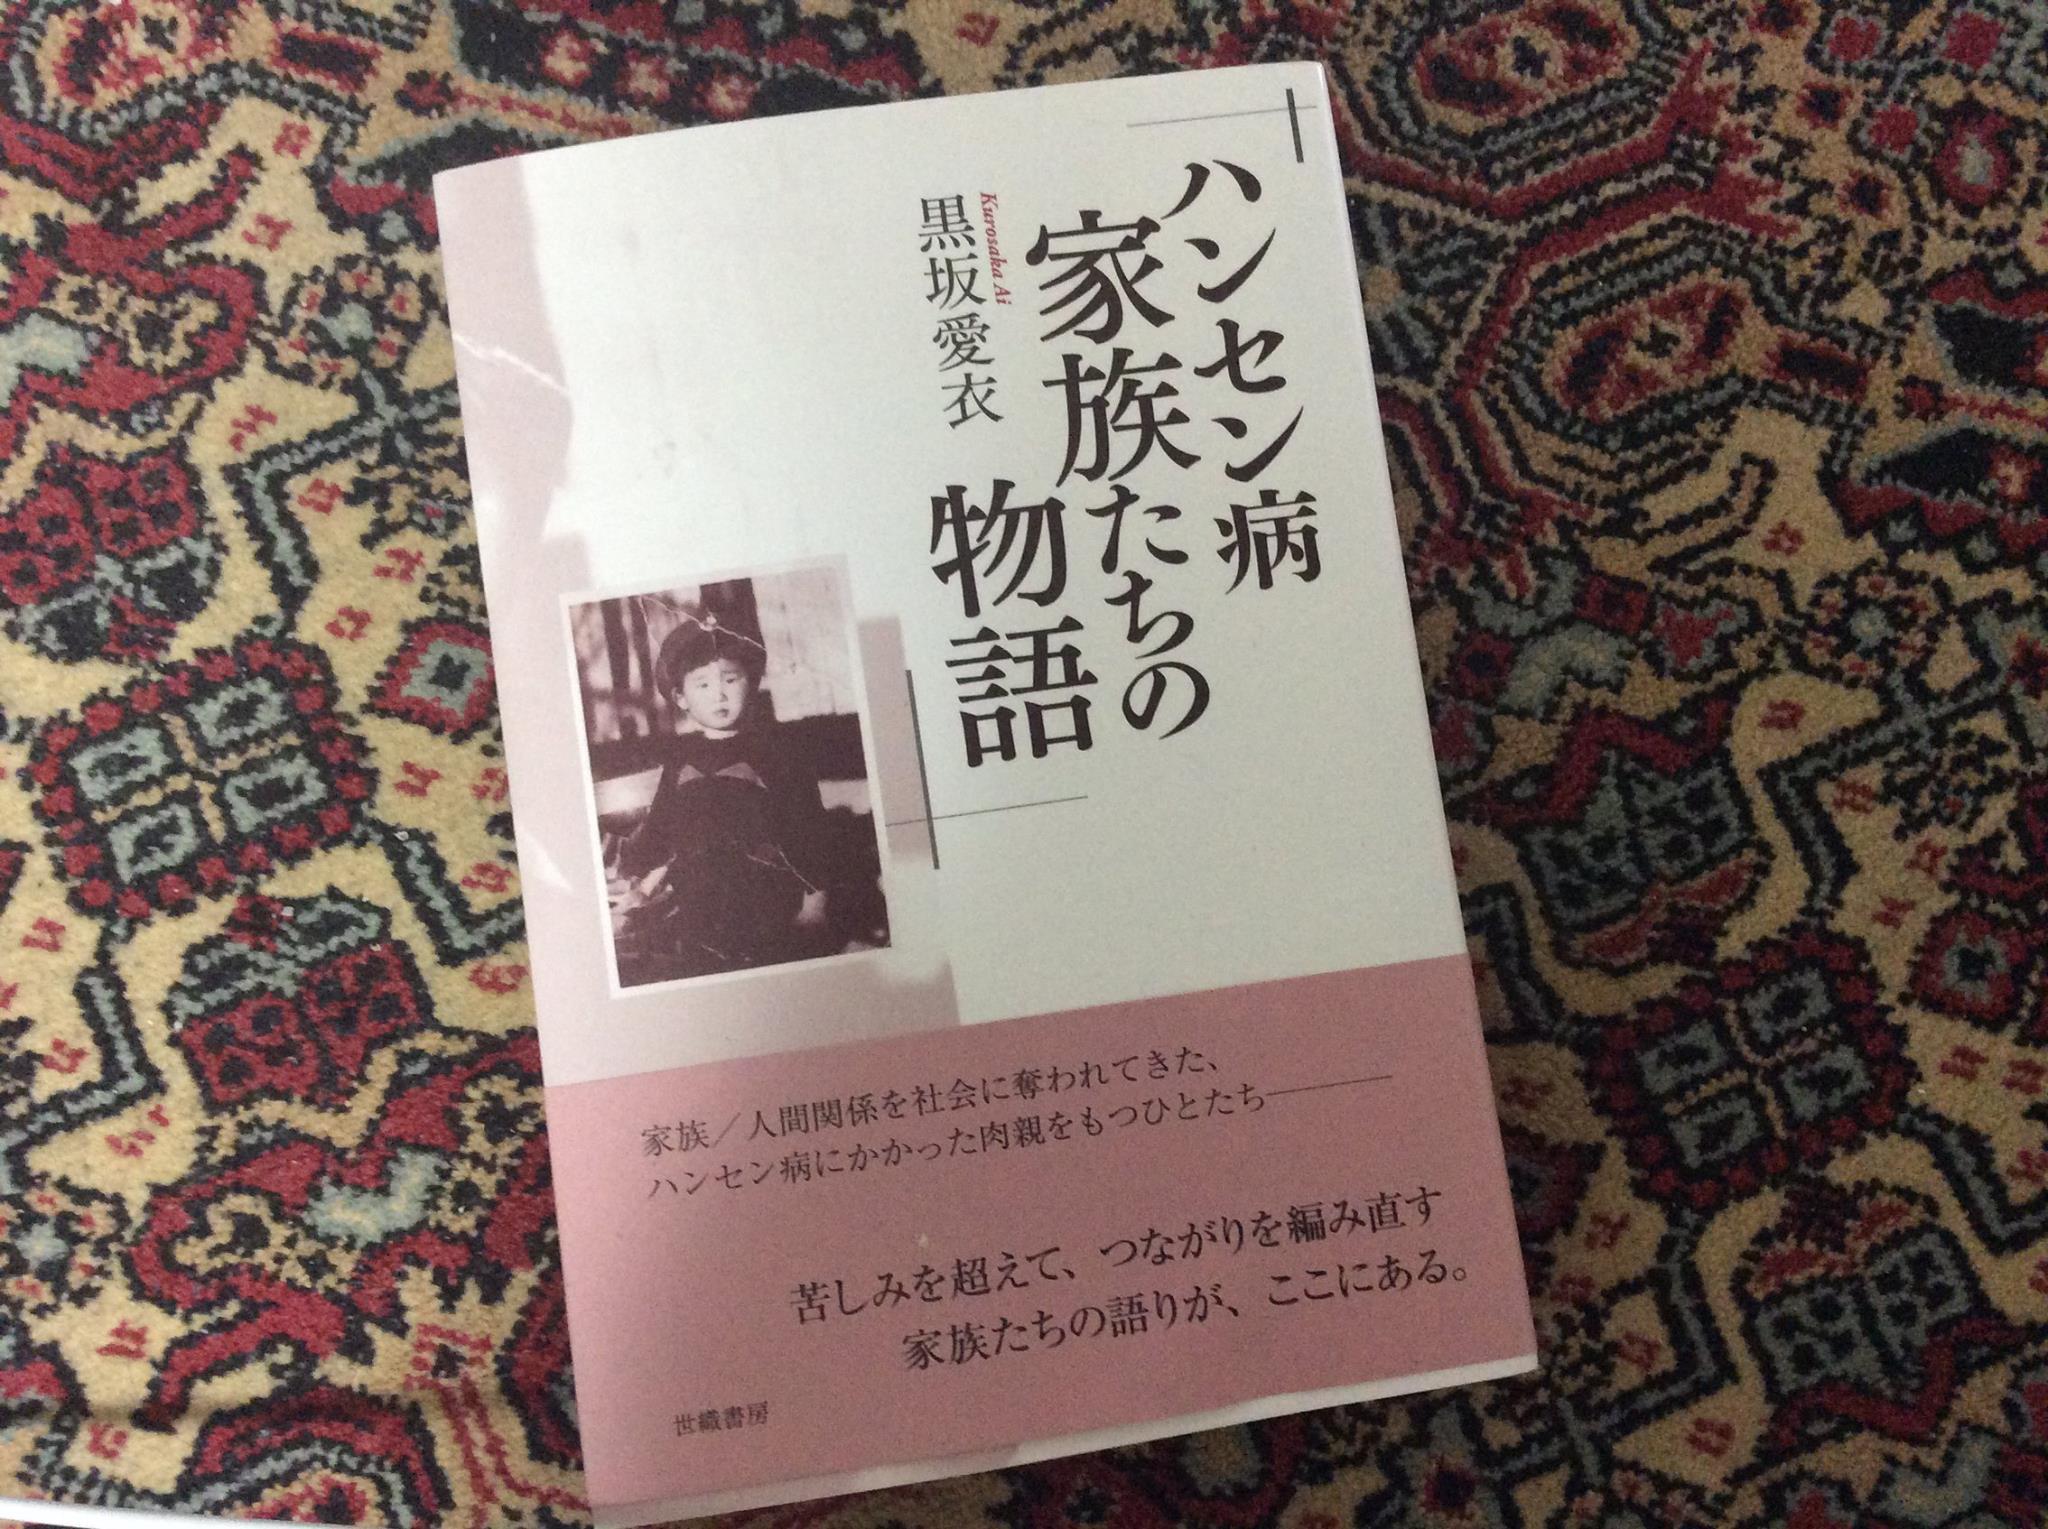 「ハンセン病家族たちの物語」の著者、黒坂愛衣さん。